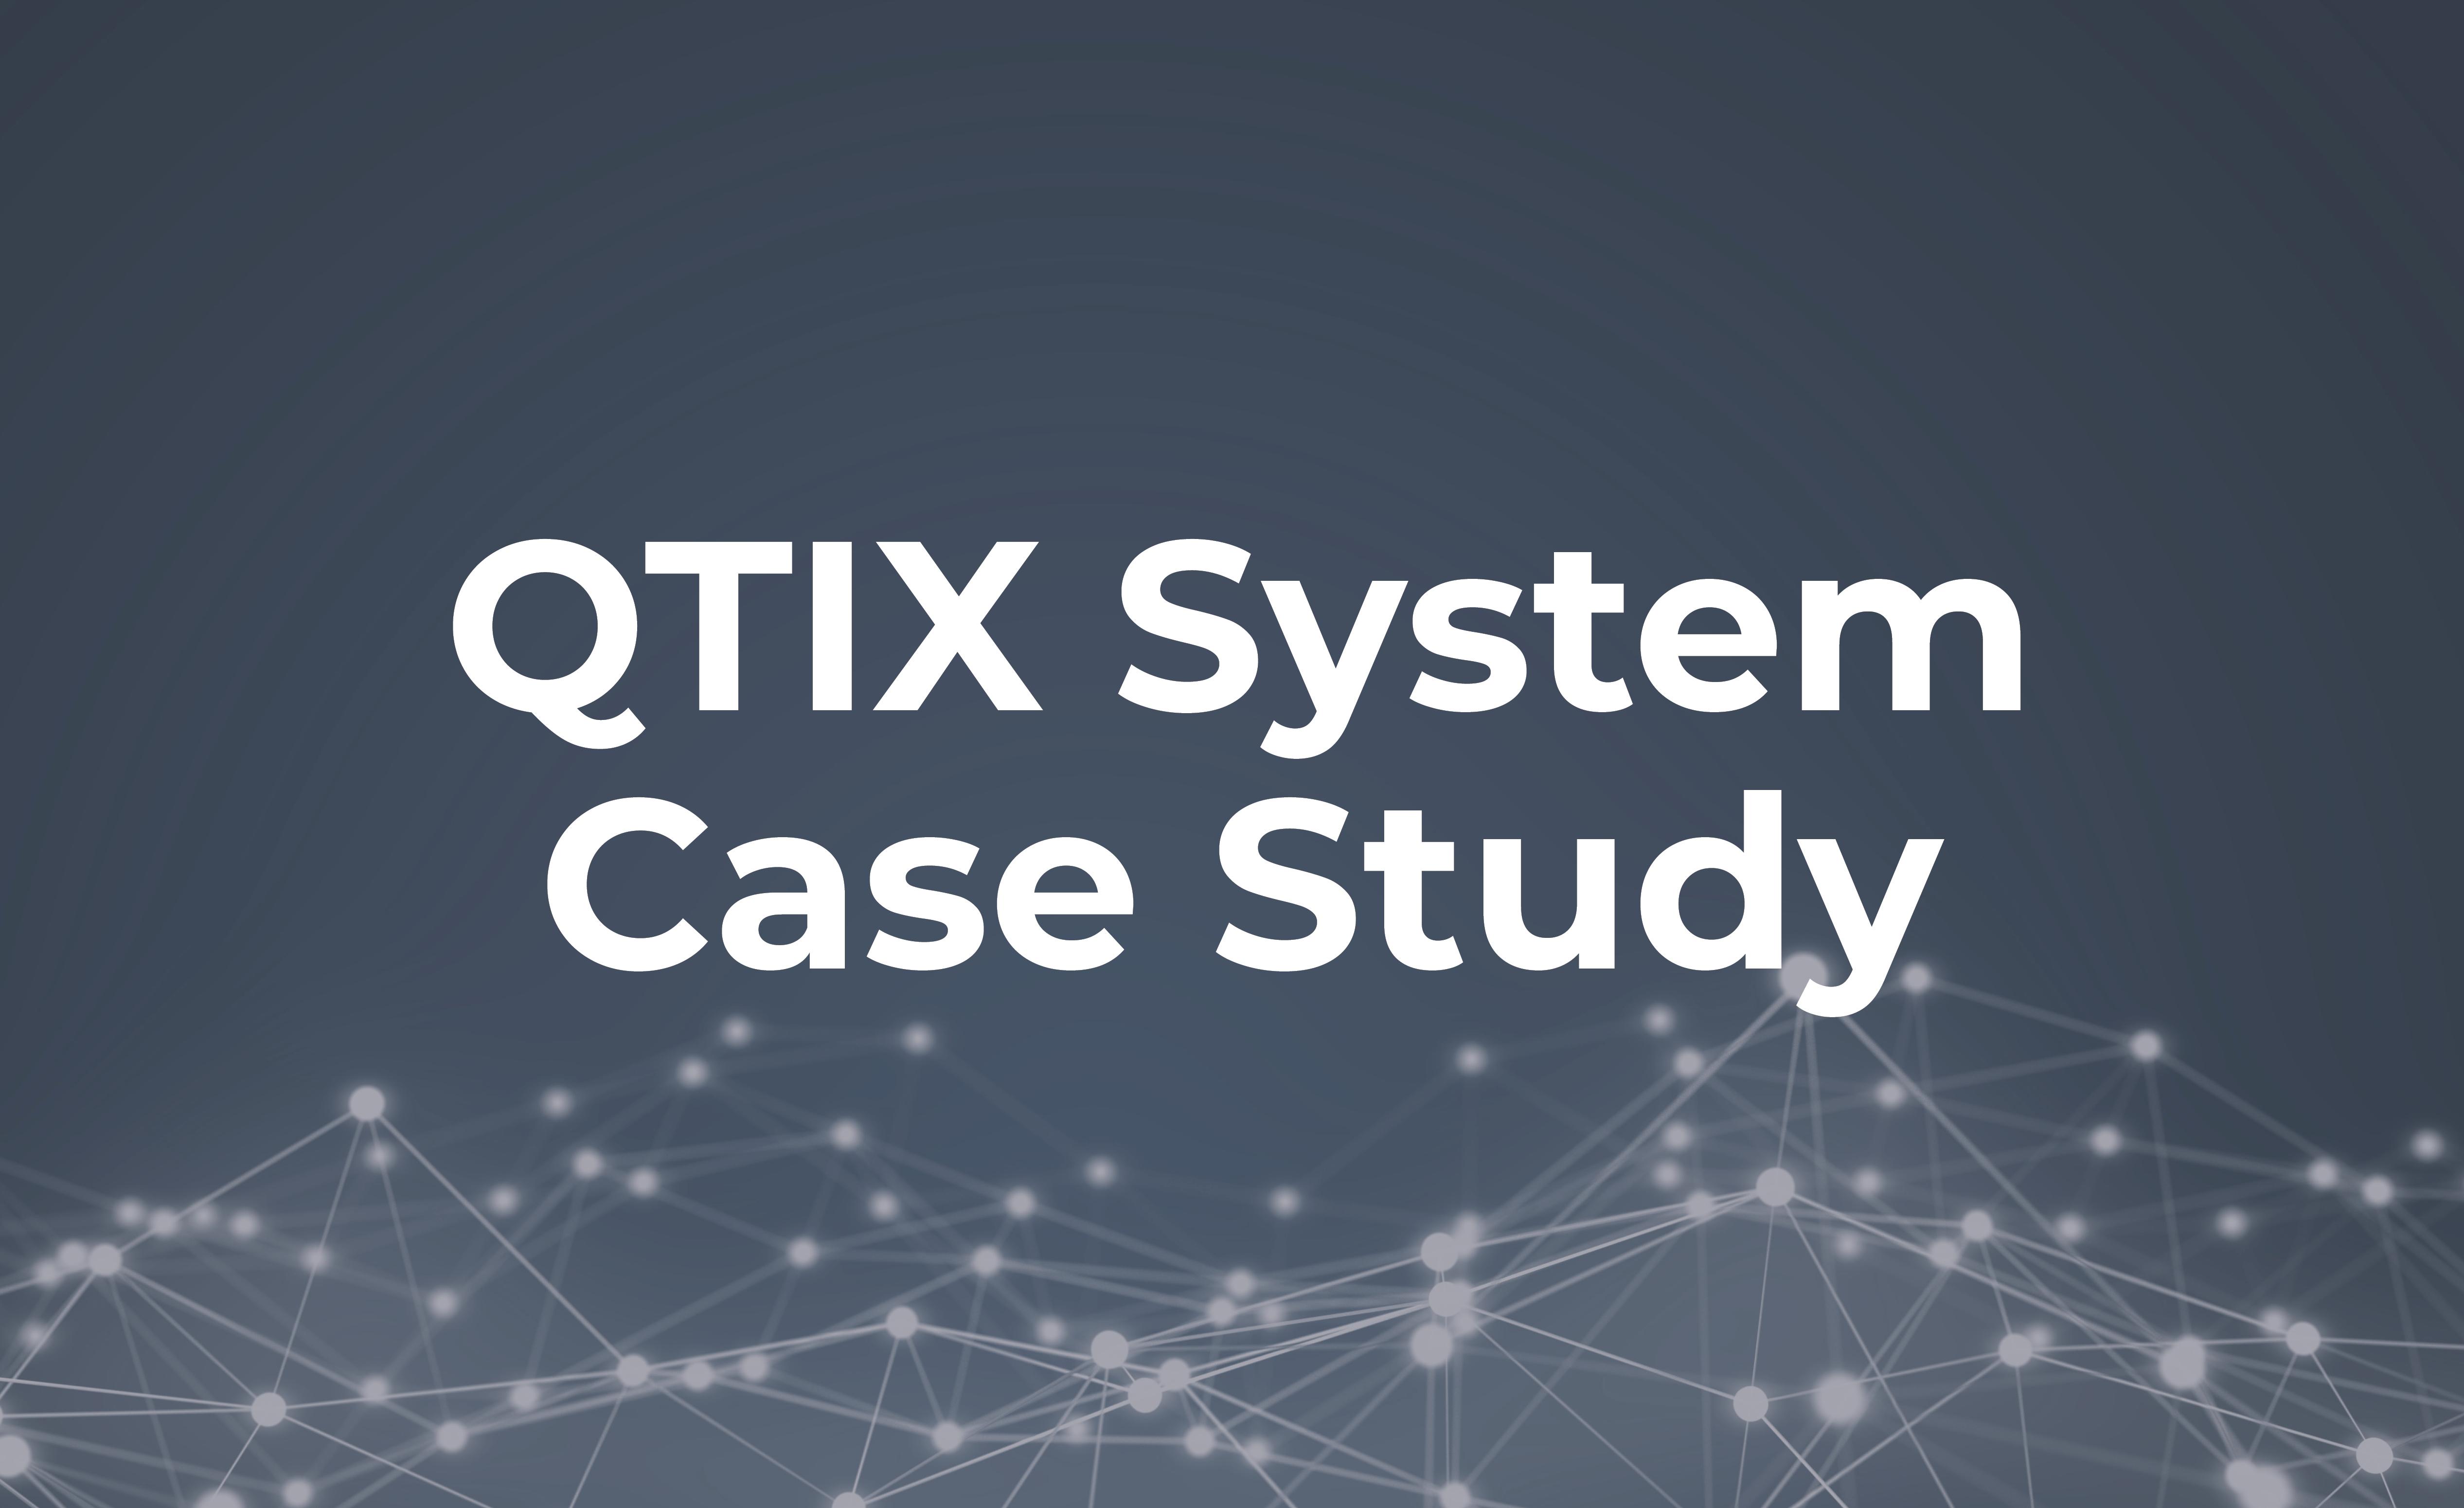 Matrix_QTIX